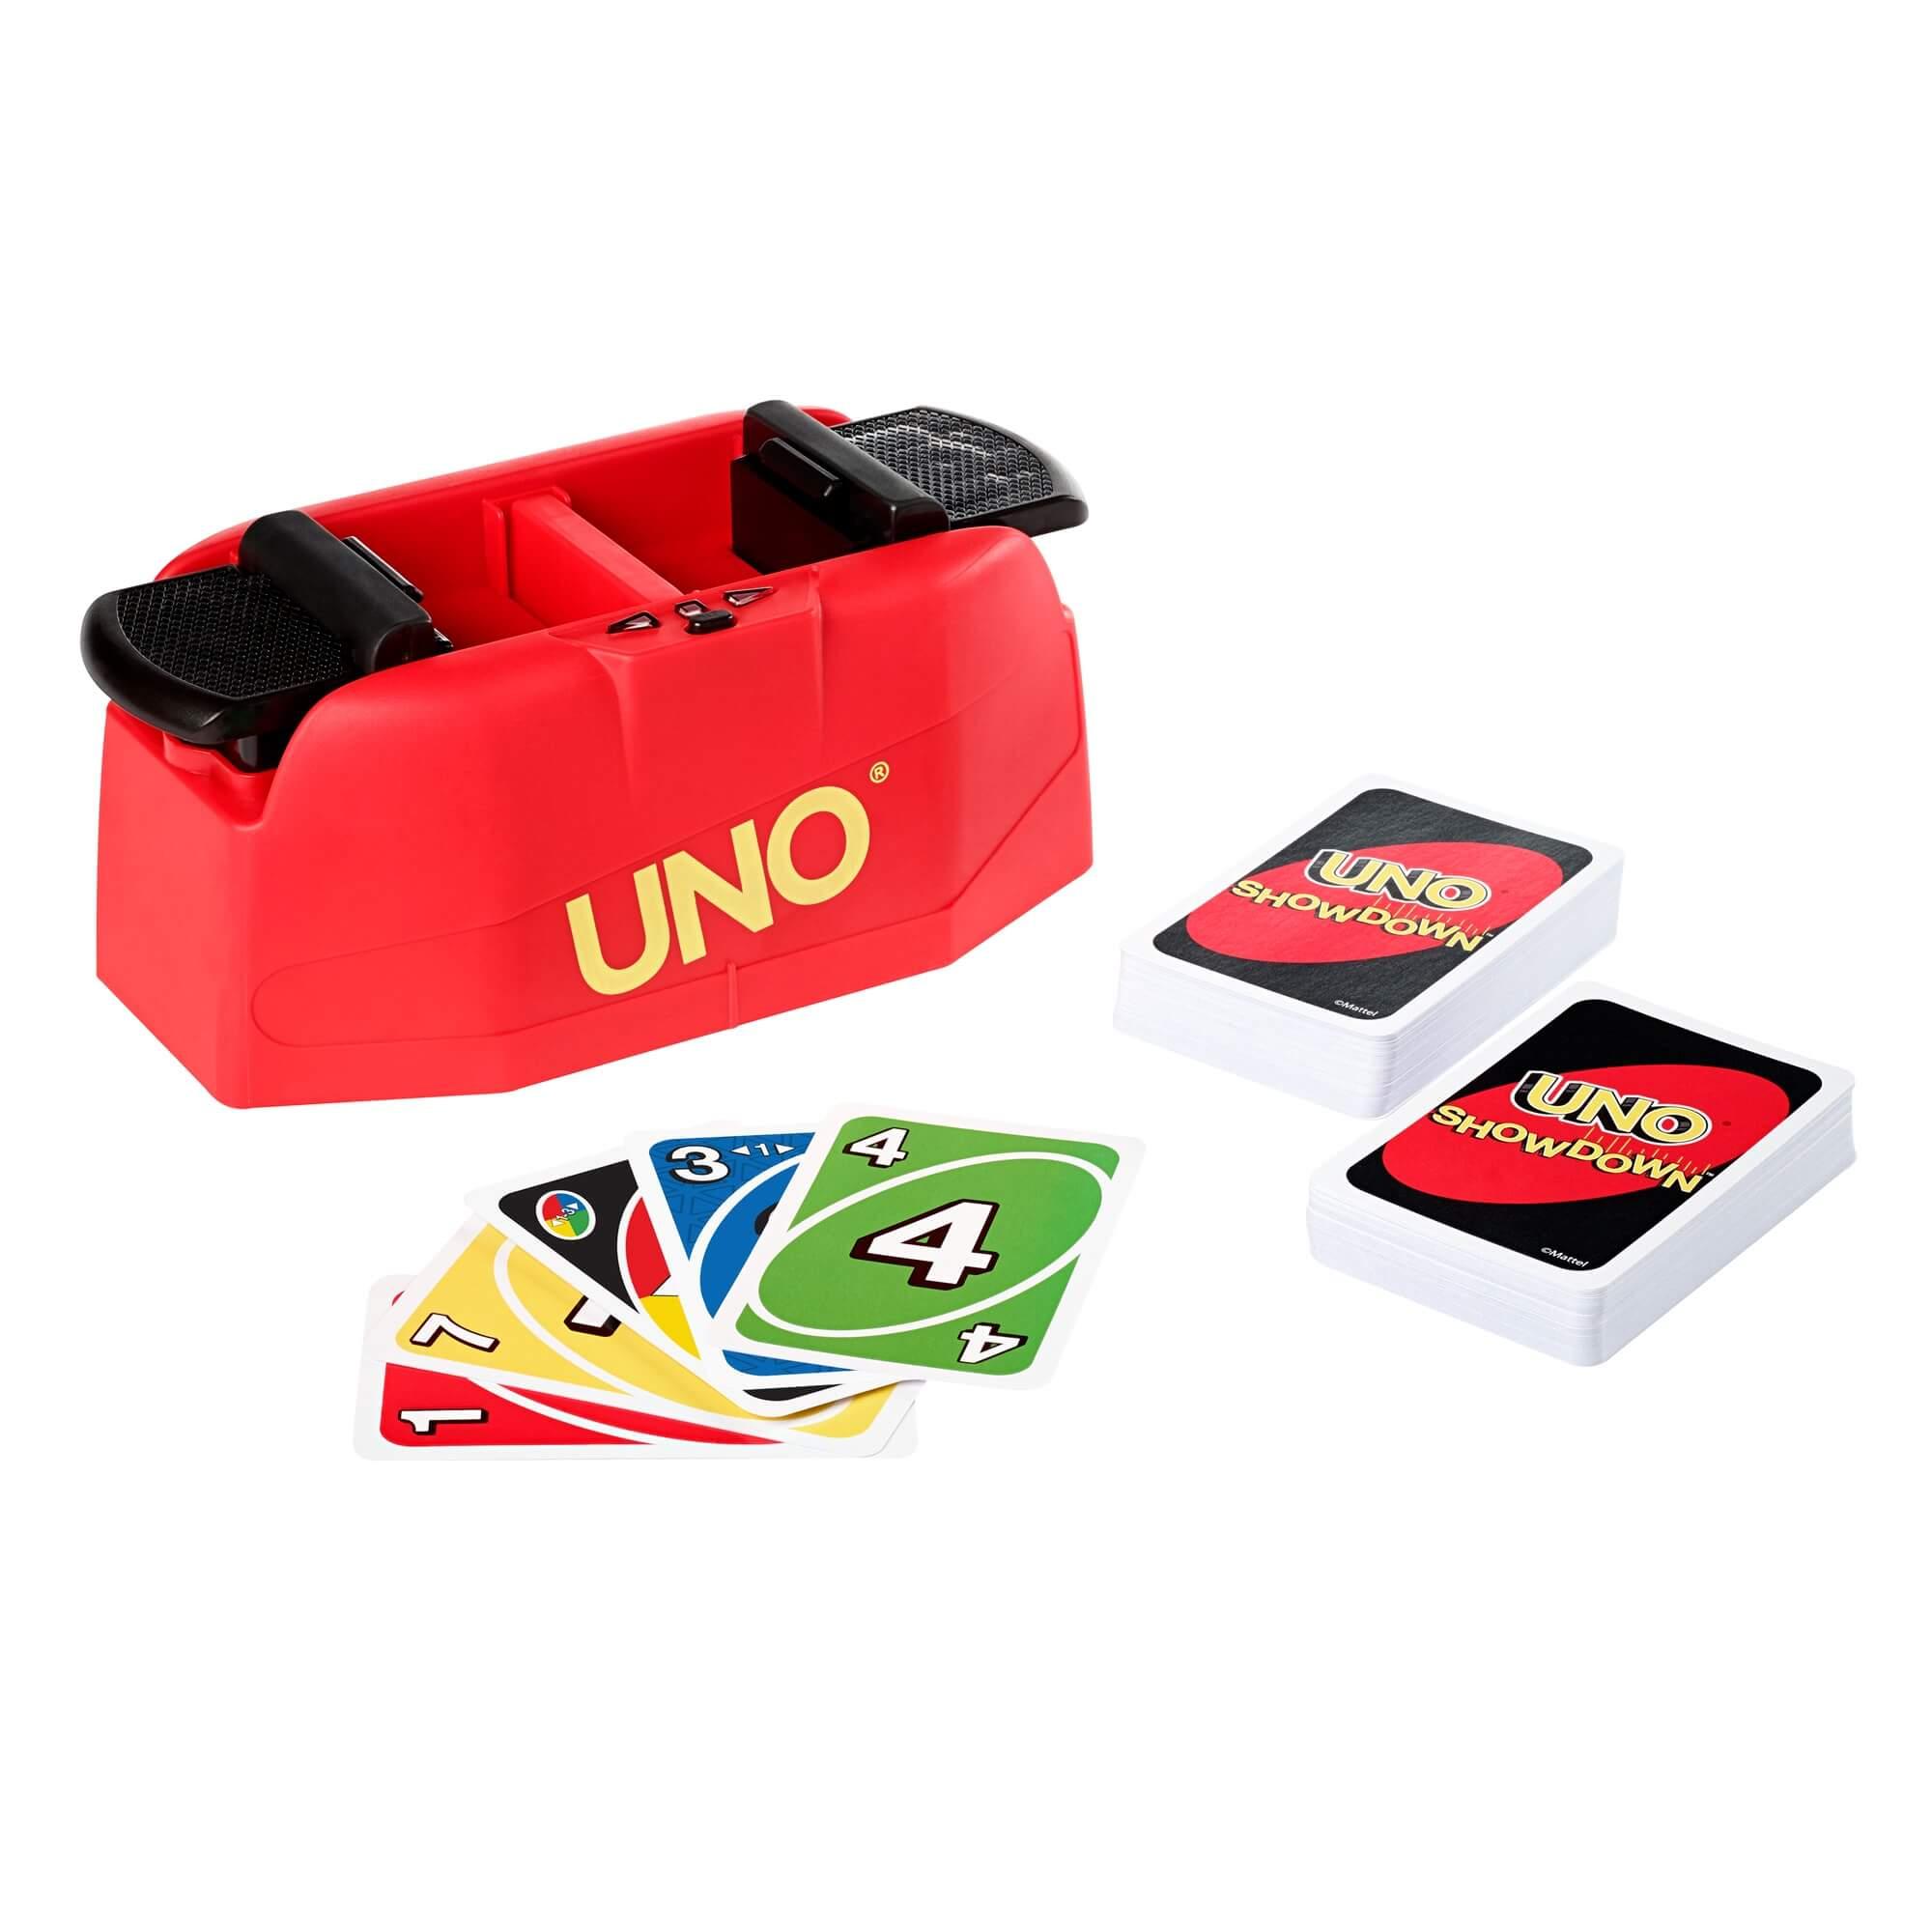 Spielkarten und Maschine- UNO - Showdown